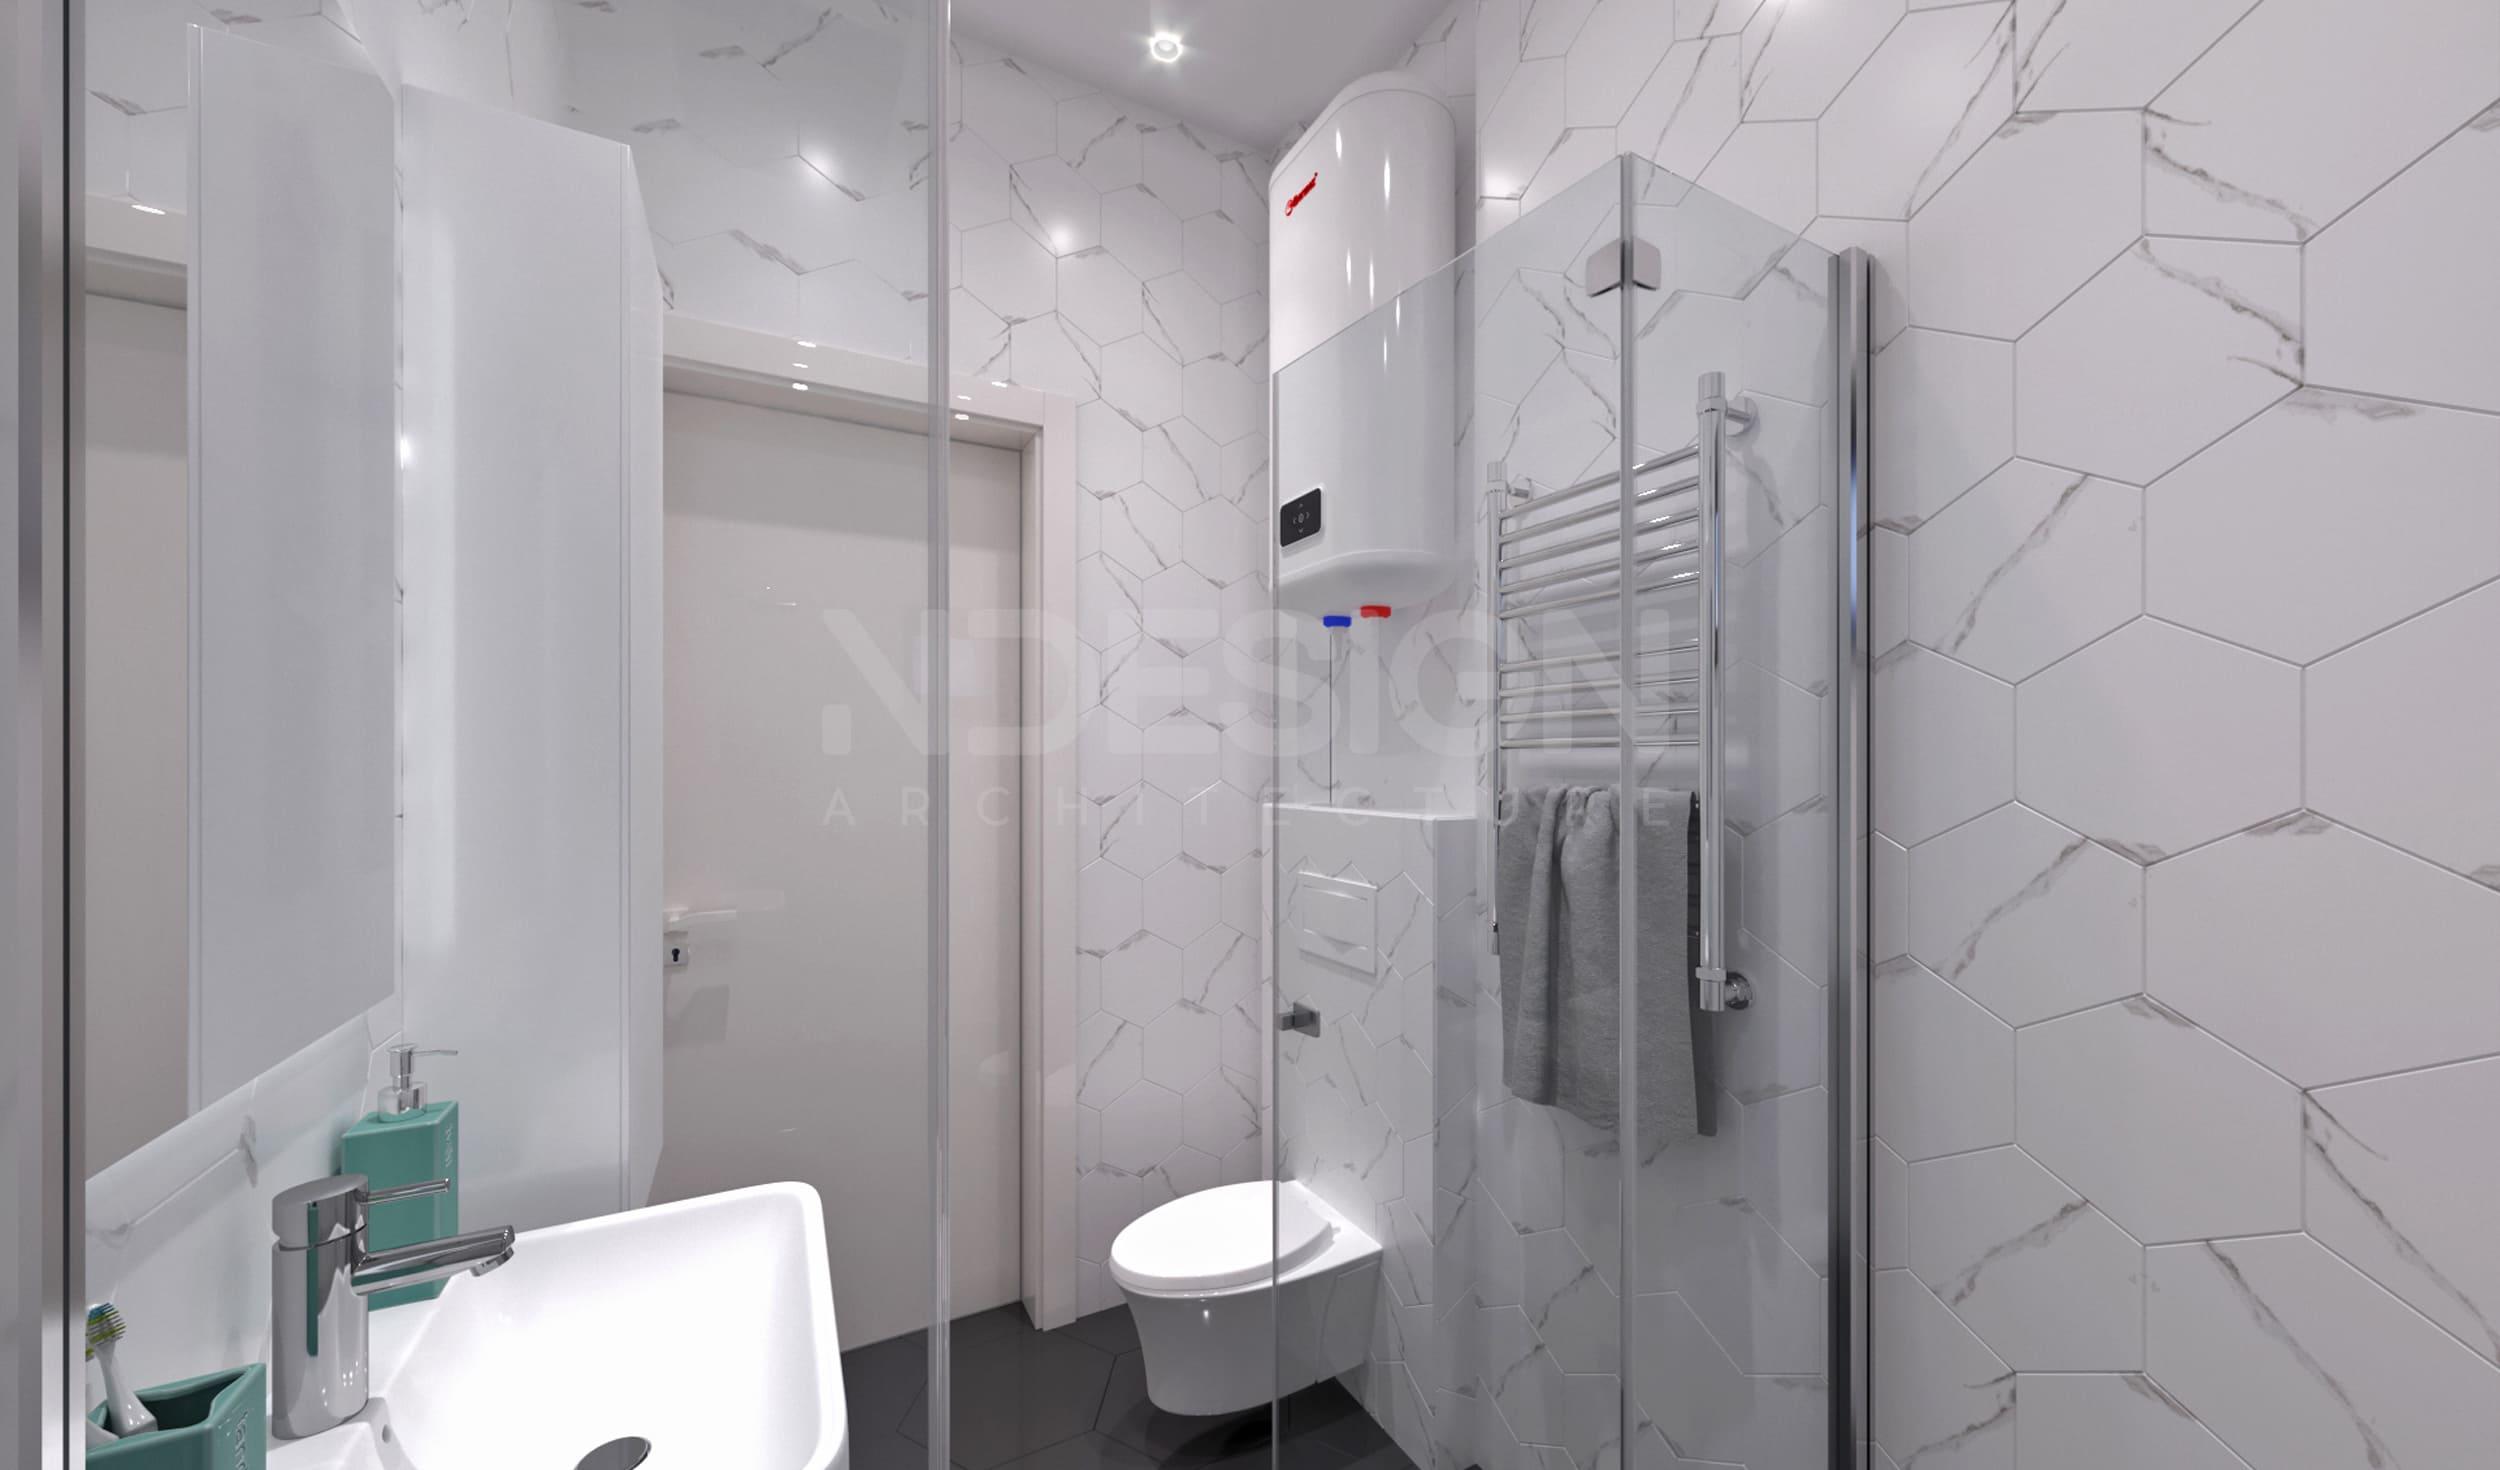 Дом г.Боярка 1 этаж Ванная 2